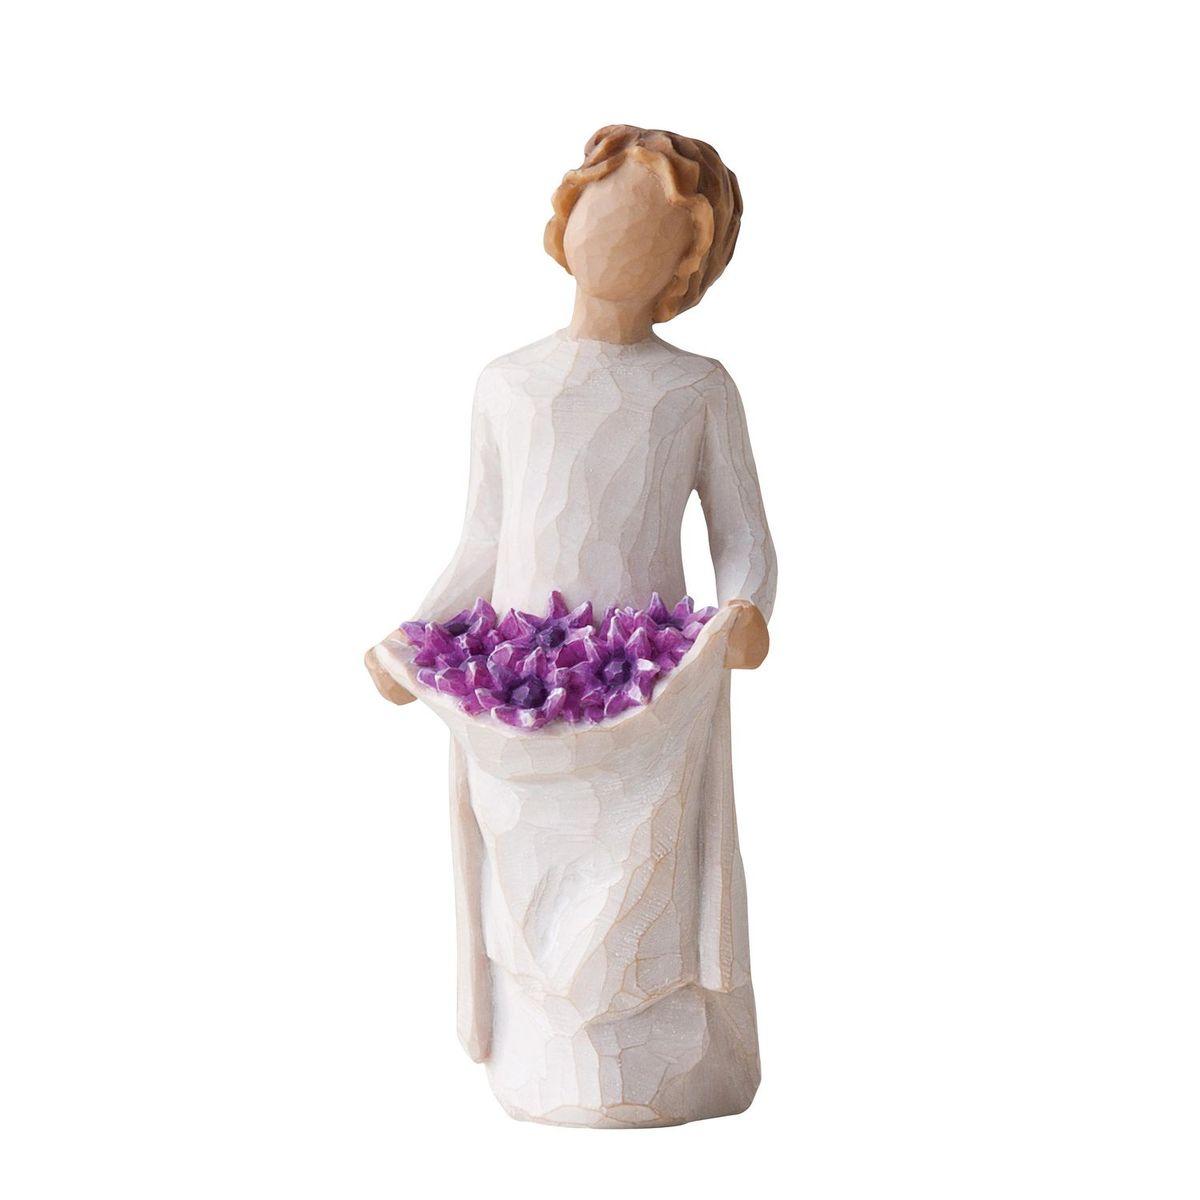 Фигурка Willow Tree Простые радости, 15 см27242Эти прекрасные статуэтки созданы канадским скульптором Сьюзан Лорди. Каждая фигурка – это настоящее произведение искусства, образная скульптура в миниатюре, изображающая эмоции и чувства, которые помогают нам чувствовать себя ближе к другим, верить в мечту, выражать любовь. Каждая фигурка помещена в красивую упаковку. Купить такой оригинальный подарок, значит не только украсить интерьер помещения или жилой комнаты, но выразить свое глубокое отношение к любимому человеку. Этот прекрасный сувенир будет лучшим подарком на день ангела, именины, день рождения, юбилей. Материал: Искусственный камень (49% карбонат кальция мелкозернистой разновидности, 51% искусственный камень)